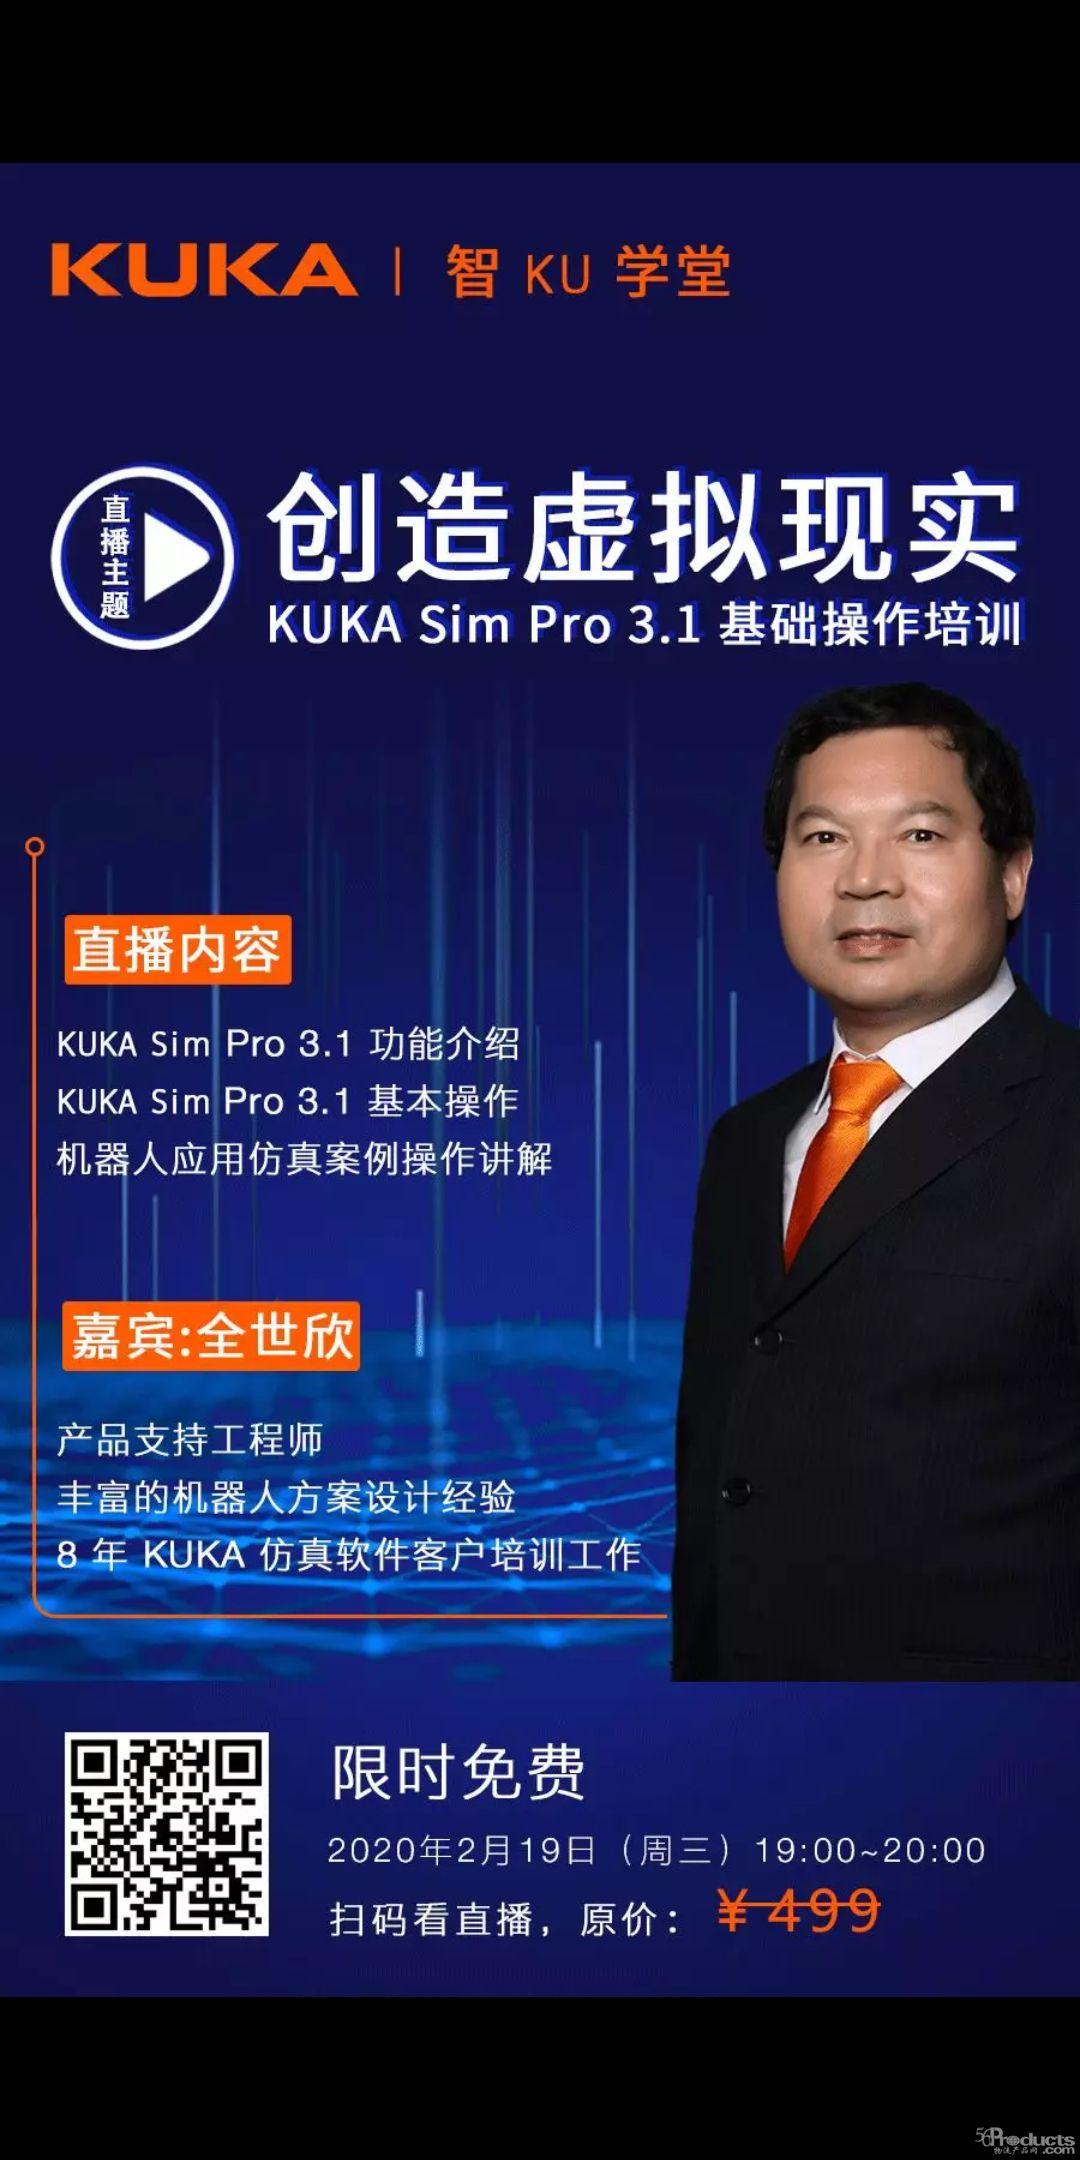 智 KU 学堂丨KUKA 不停学,知识不掉线,与您一起创造虚拟现实!